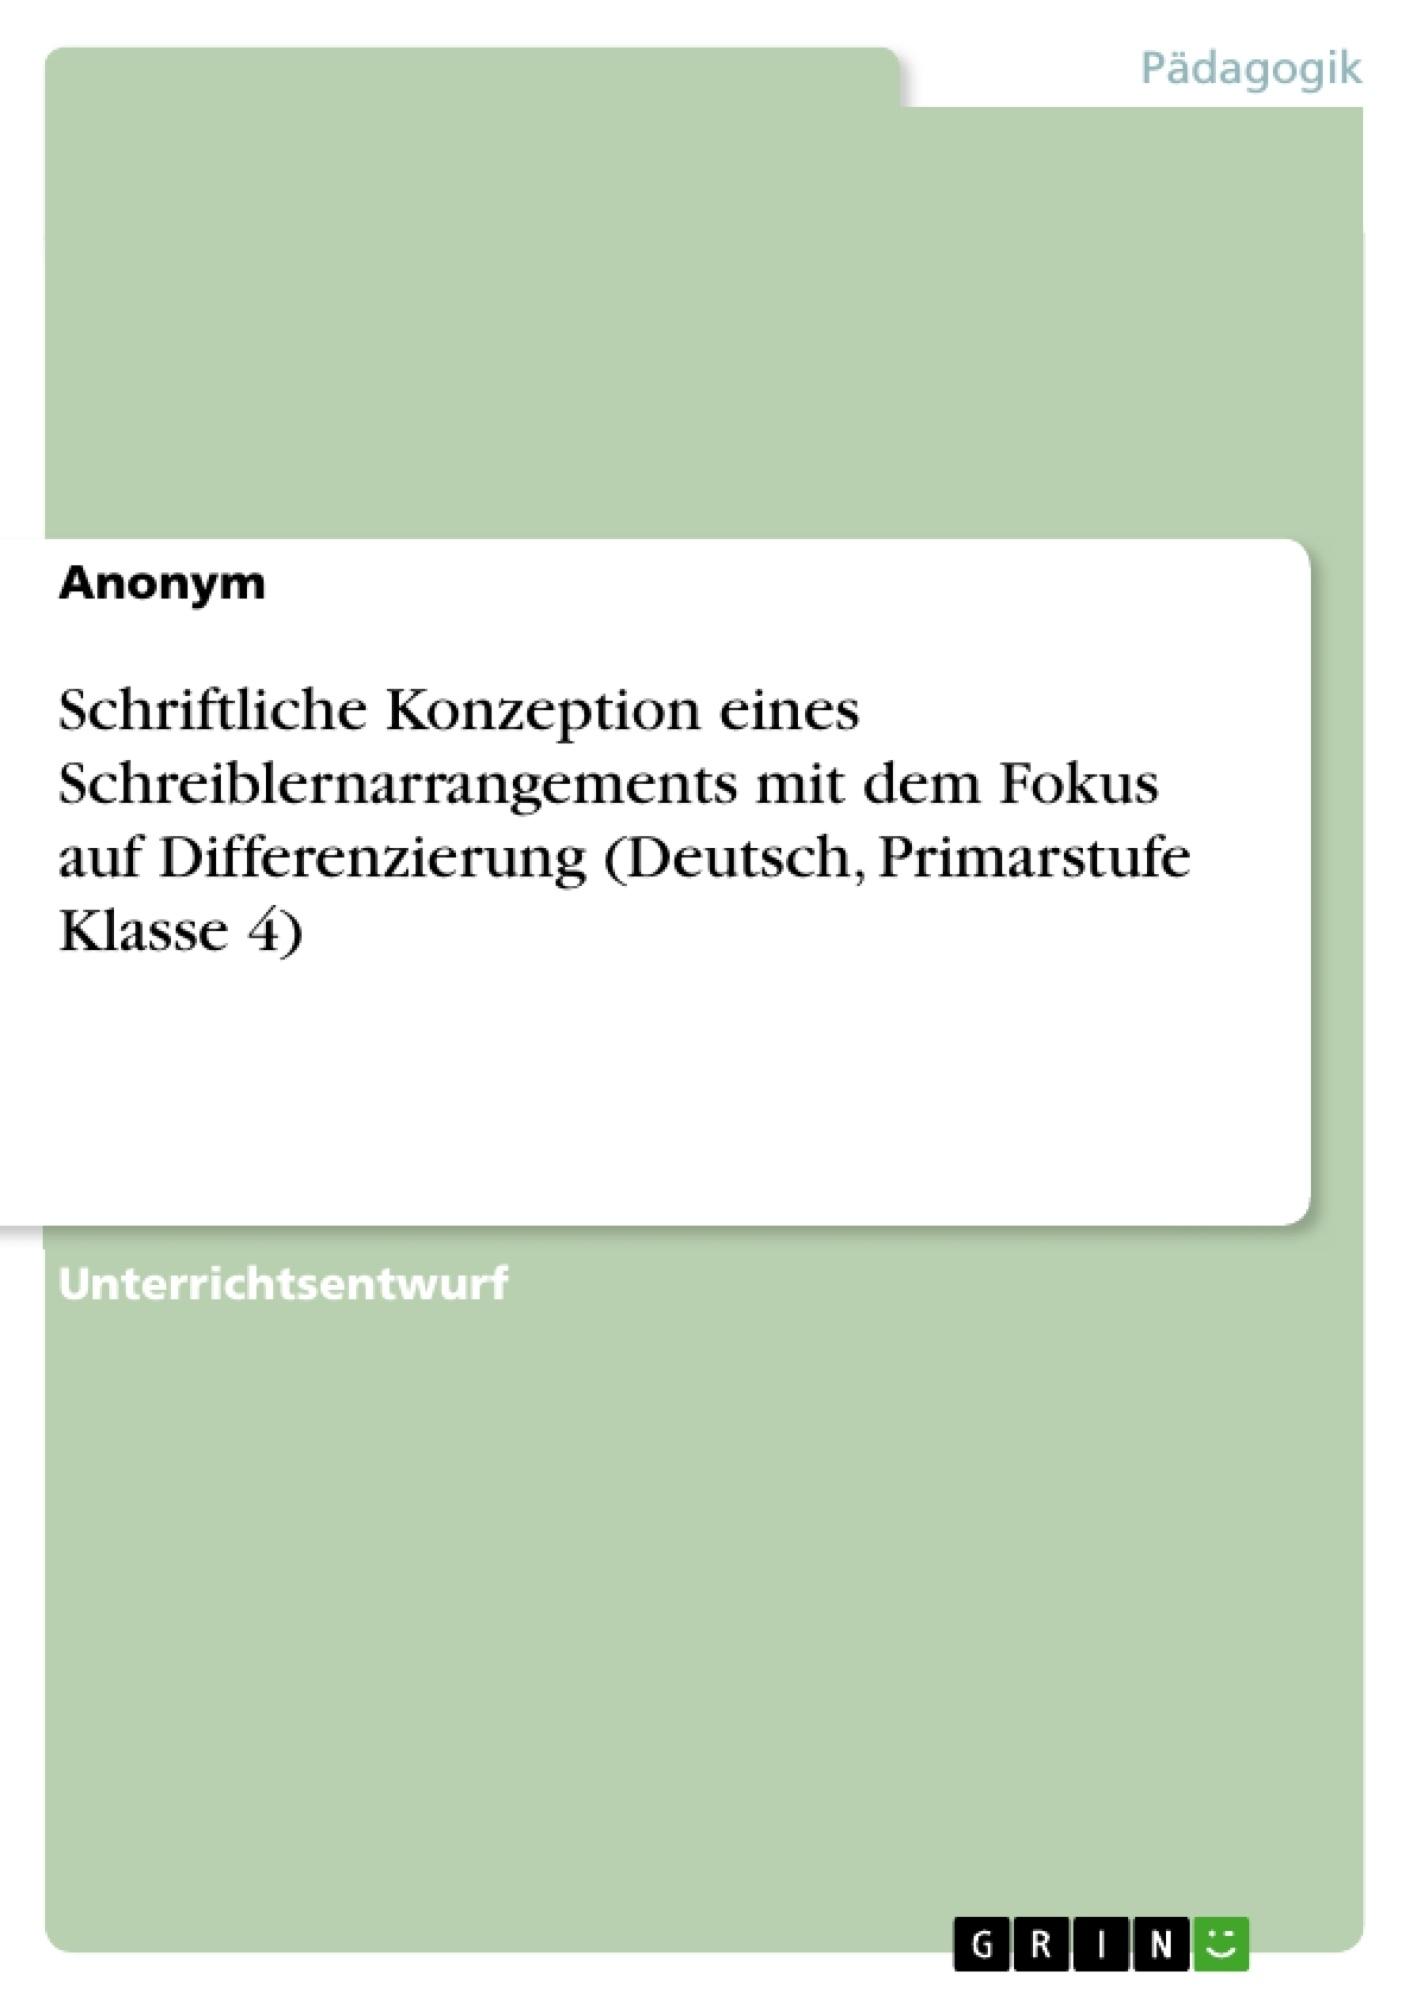 Titel: Schriftliche Konzeption eines Schreiblernarrangements mit dem Fokus auf Differenzierung (Deutsch, Primarstufe Klasse 4)